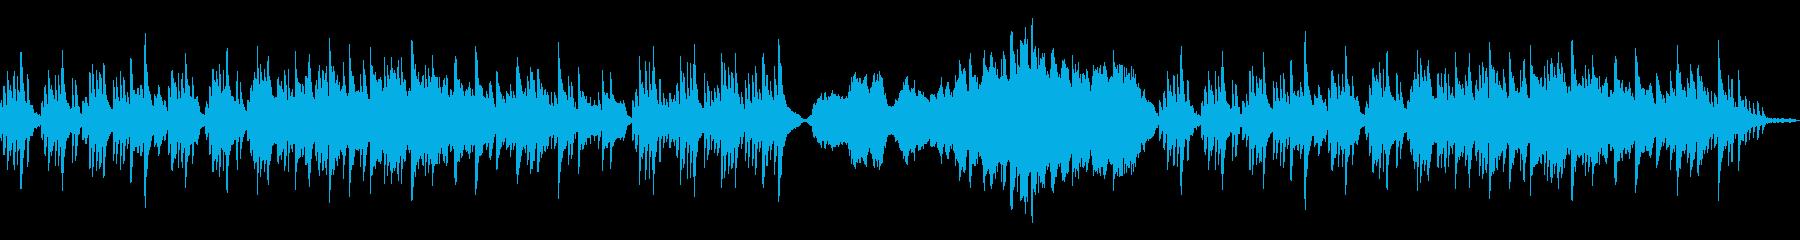 物悲しい雰囲気のBGMの再生済みの波形